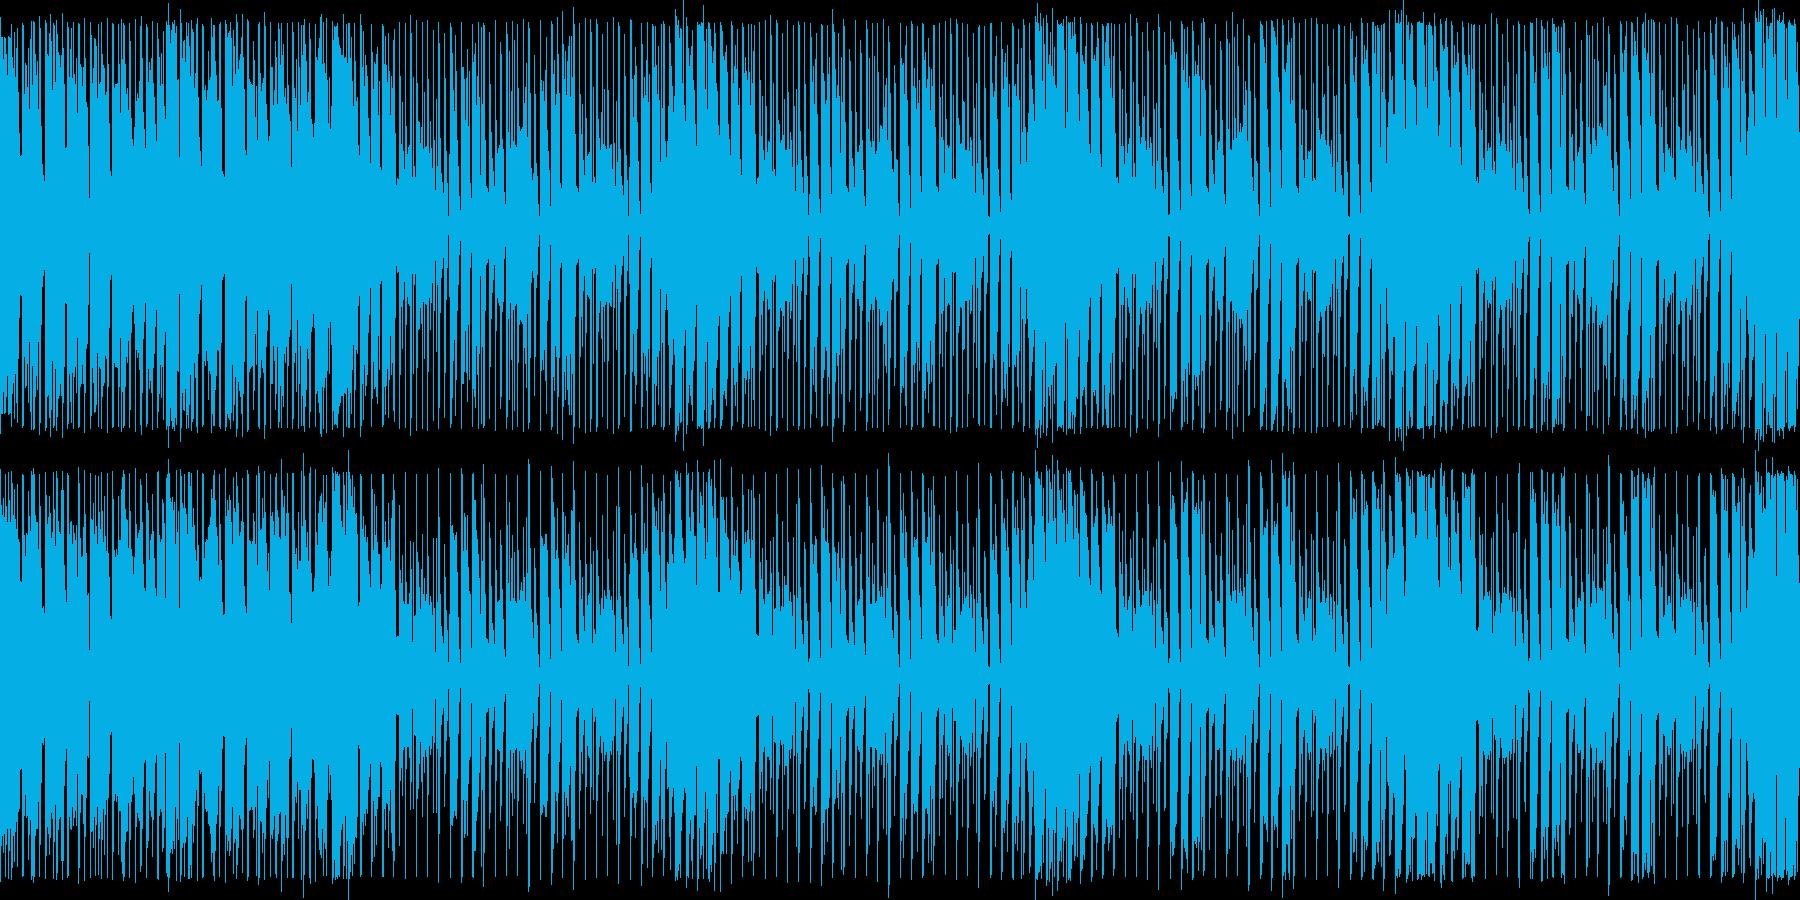 ダンスエクササイズBPM130:ループ版の再生済みの波形